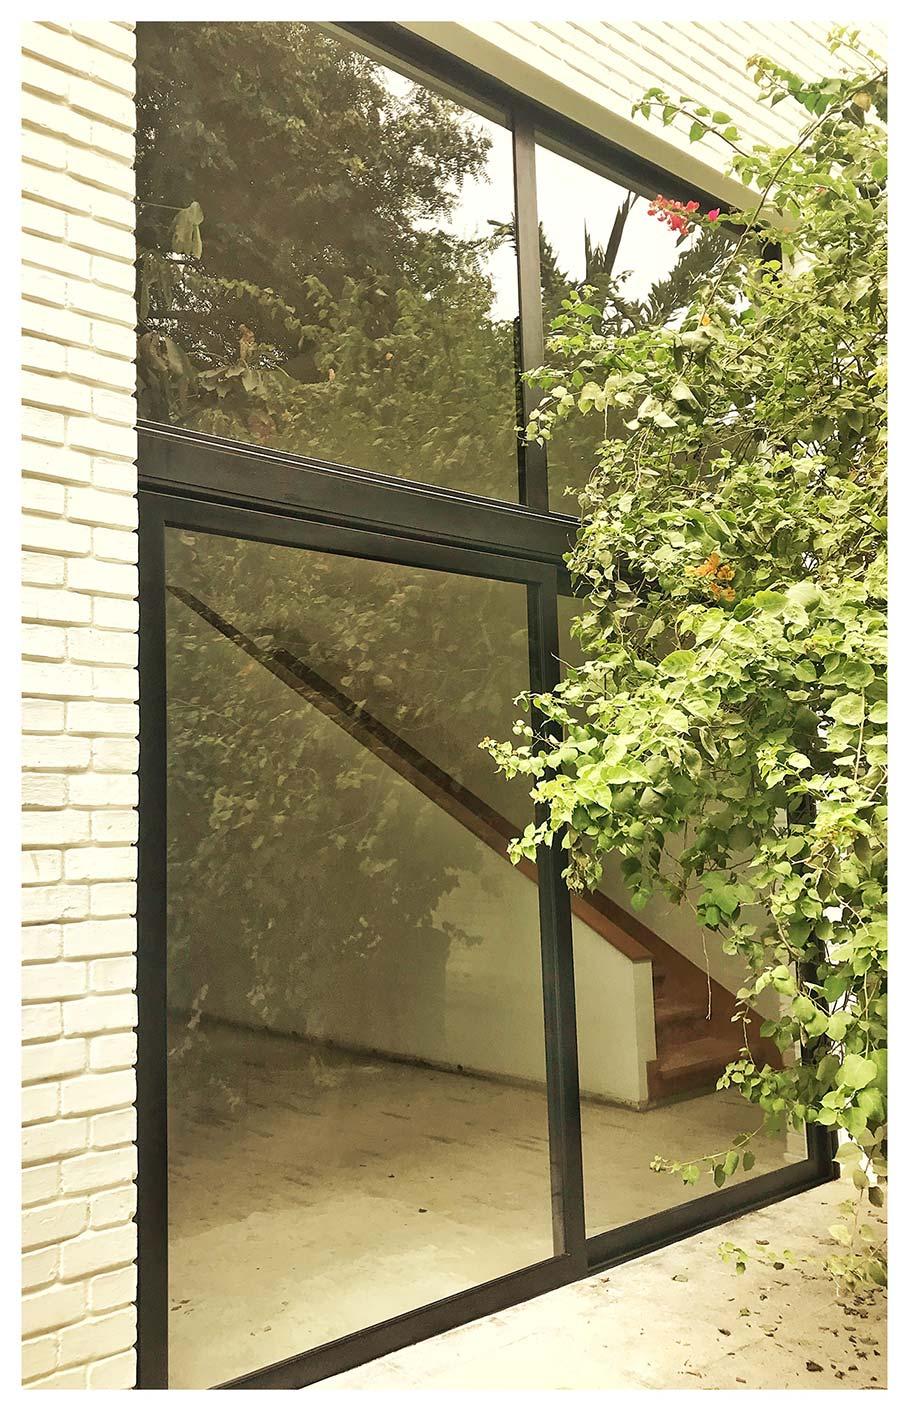 Ventanas de aluminio Thermia Residencial en San Isidro, Lima